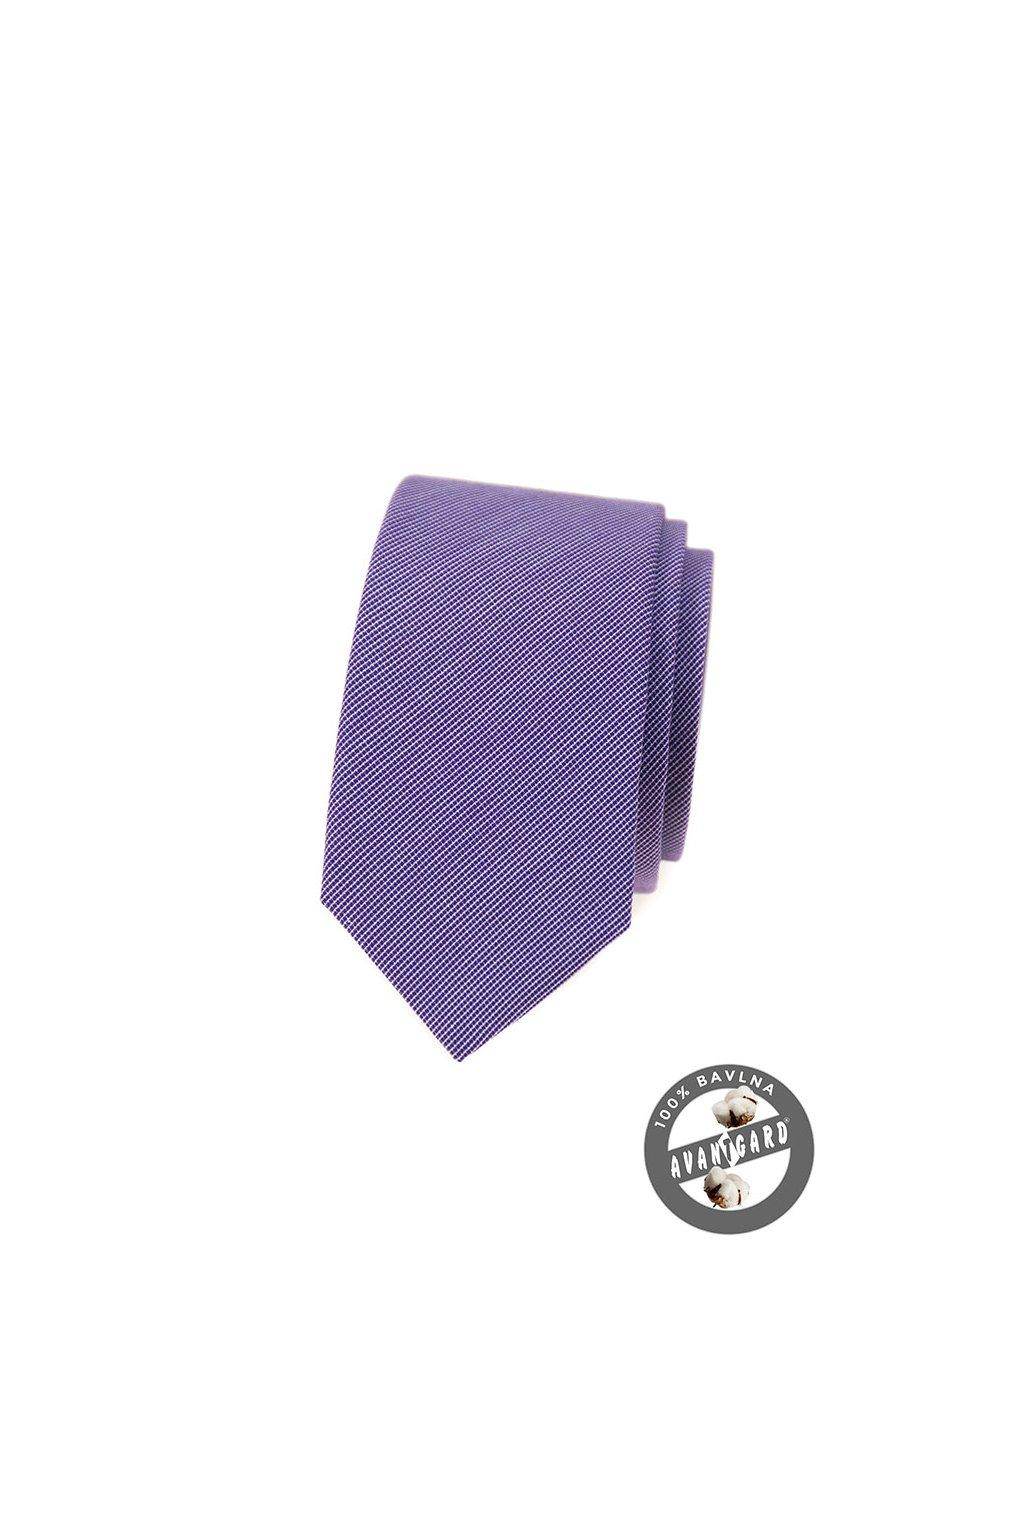 Fialová bavlněná luxusní SLIM kravata  571 - 51016